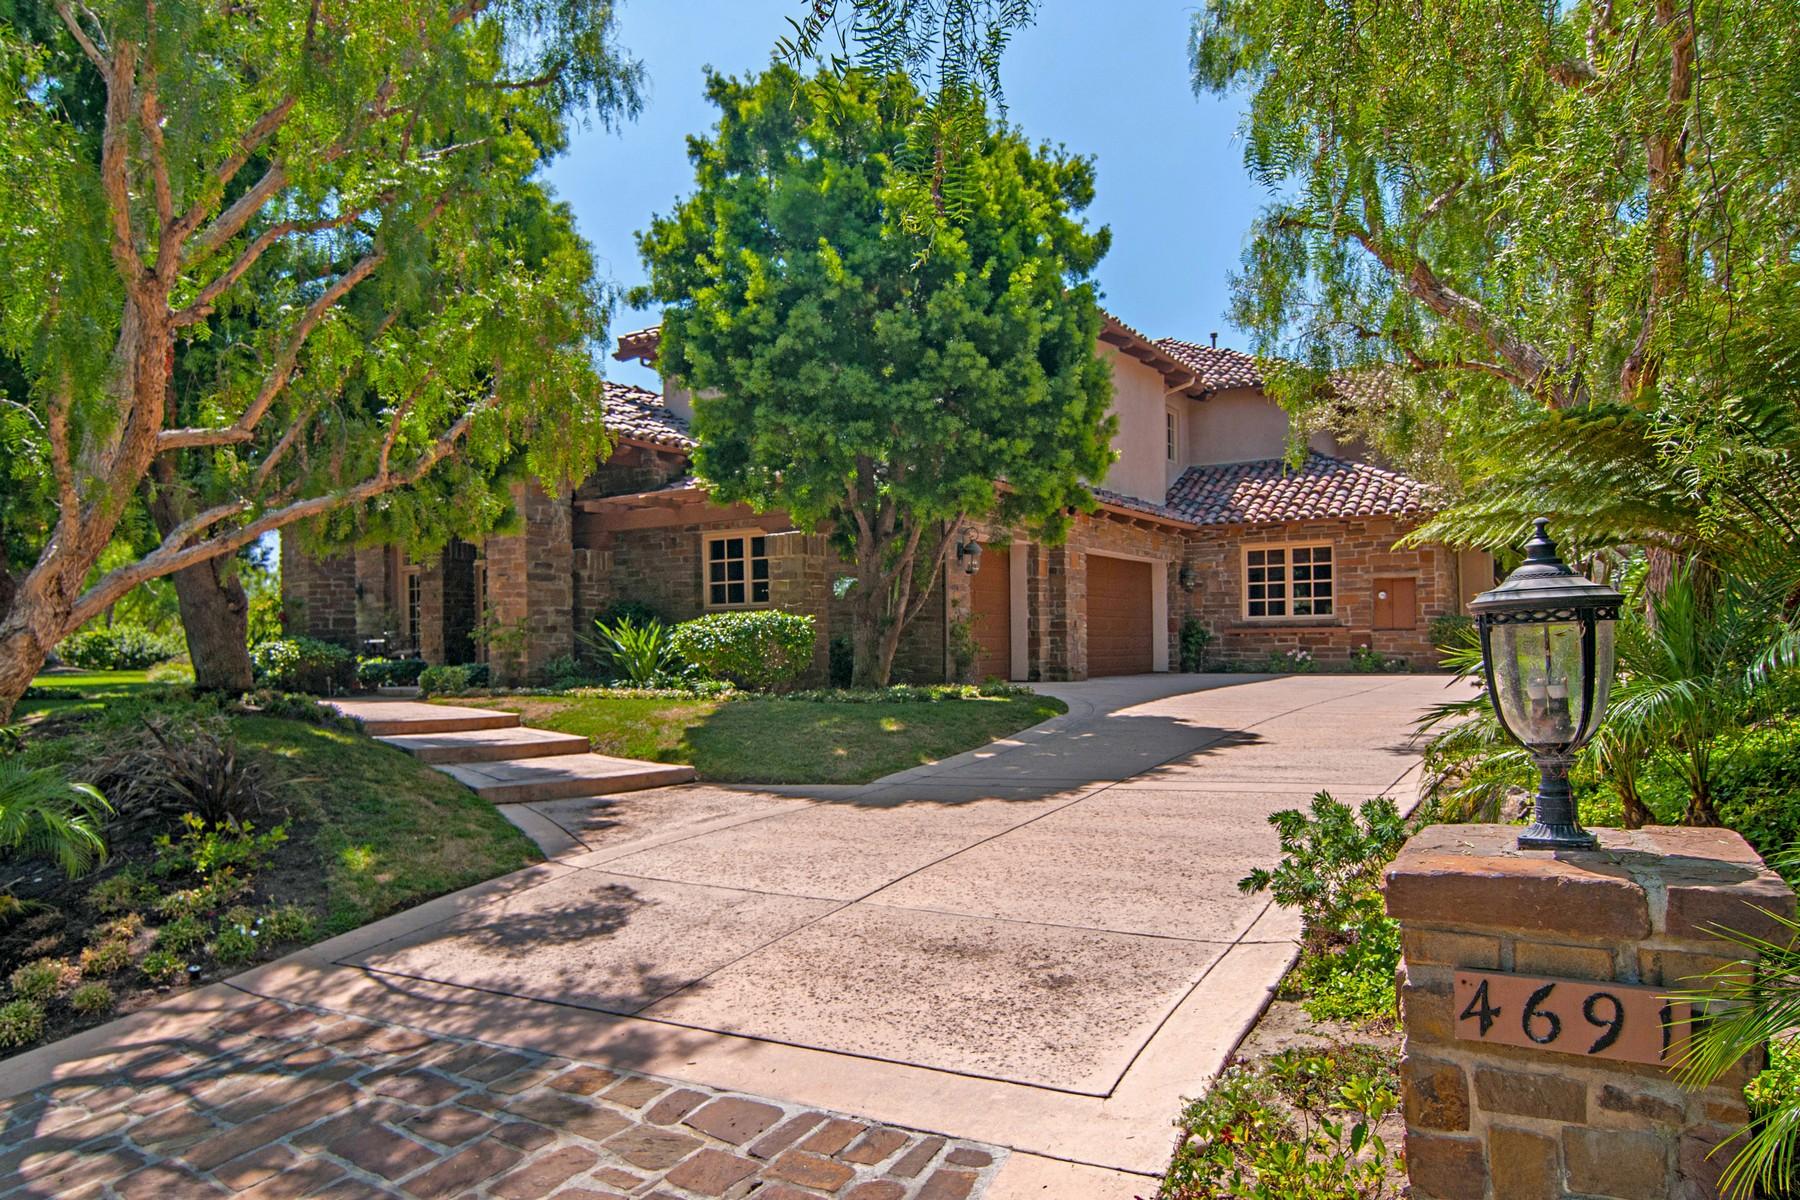 独户住宅 为 出租 在 4691 Rancho Laguna Bend 圣地亚哥, 92130 美国